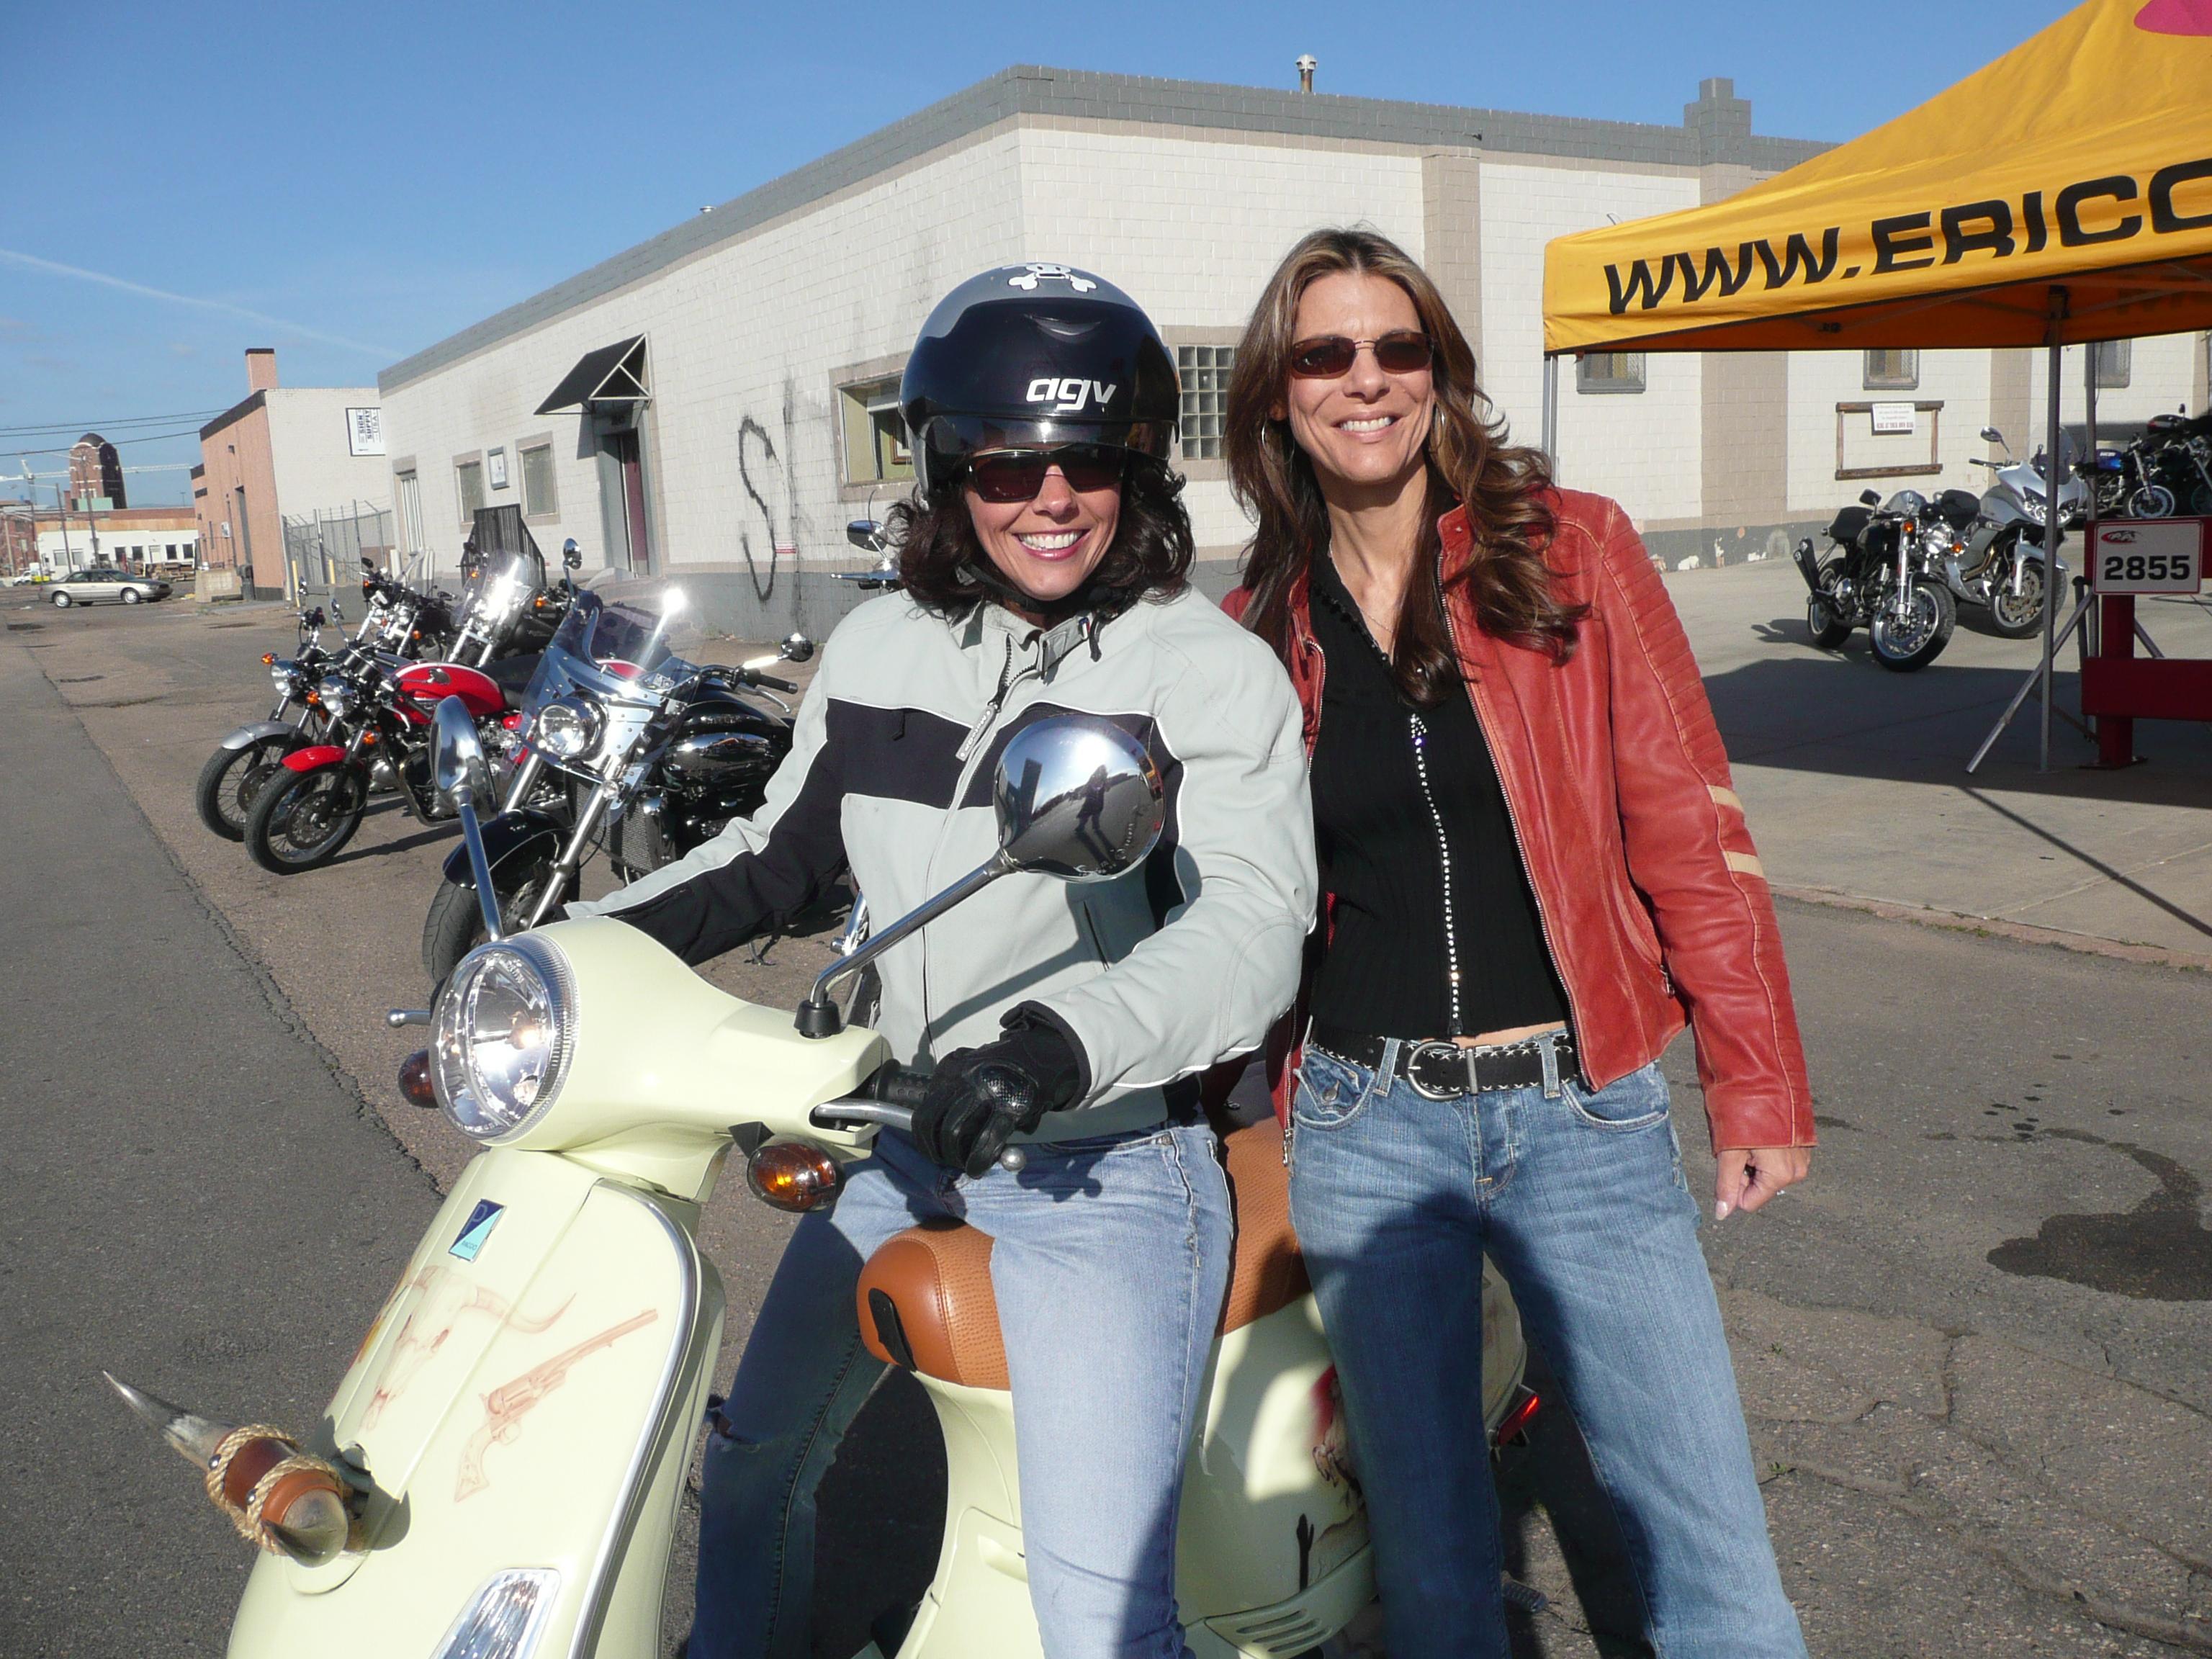 Tia Beldock and Genevieve Schmitt